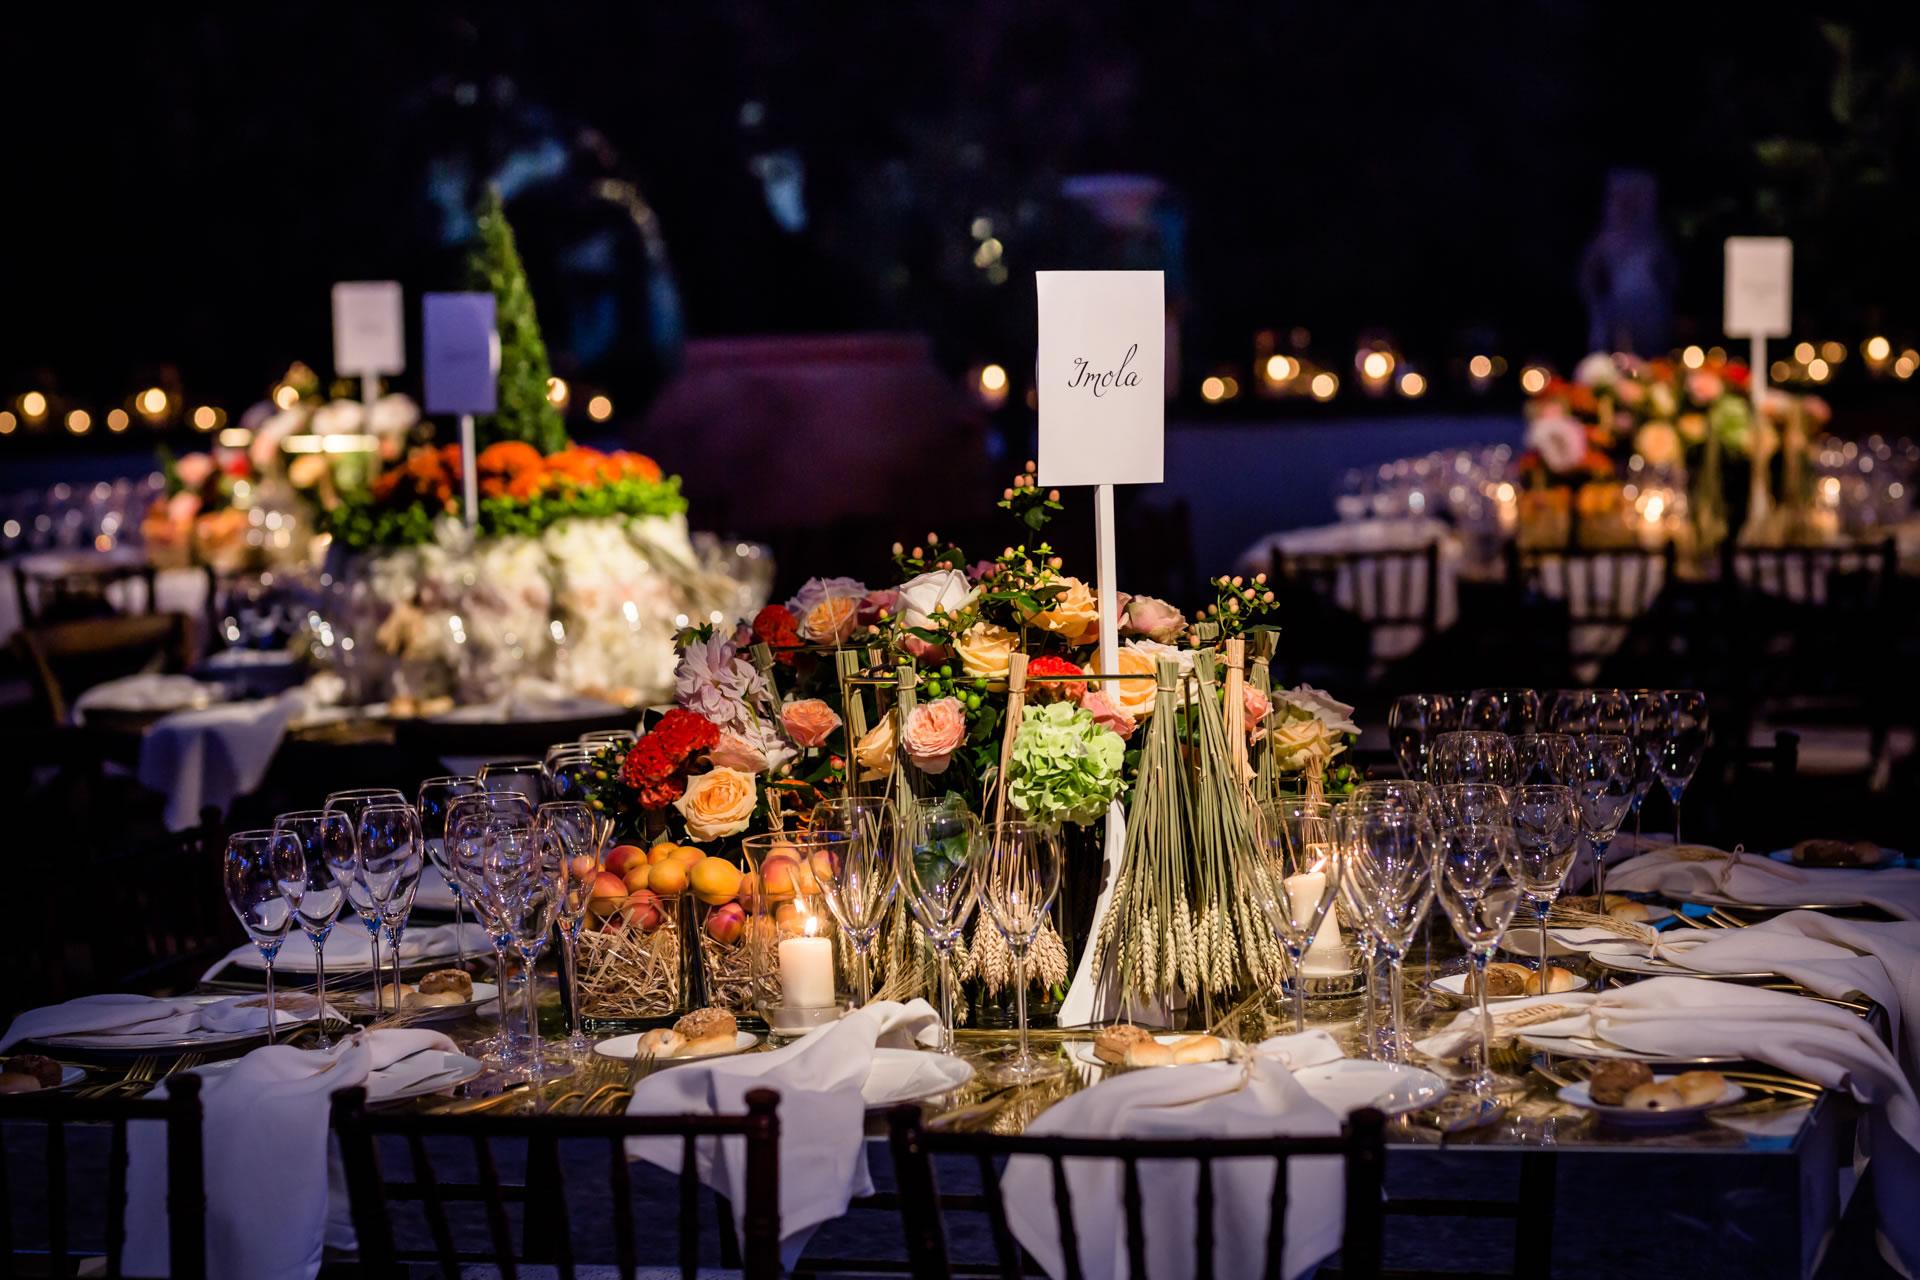 Cake - 64 :: Luxury wedding at Il Borro :: Luxury wedding photography - 63 :: Cake - 64